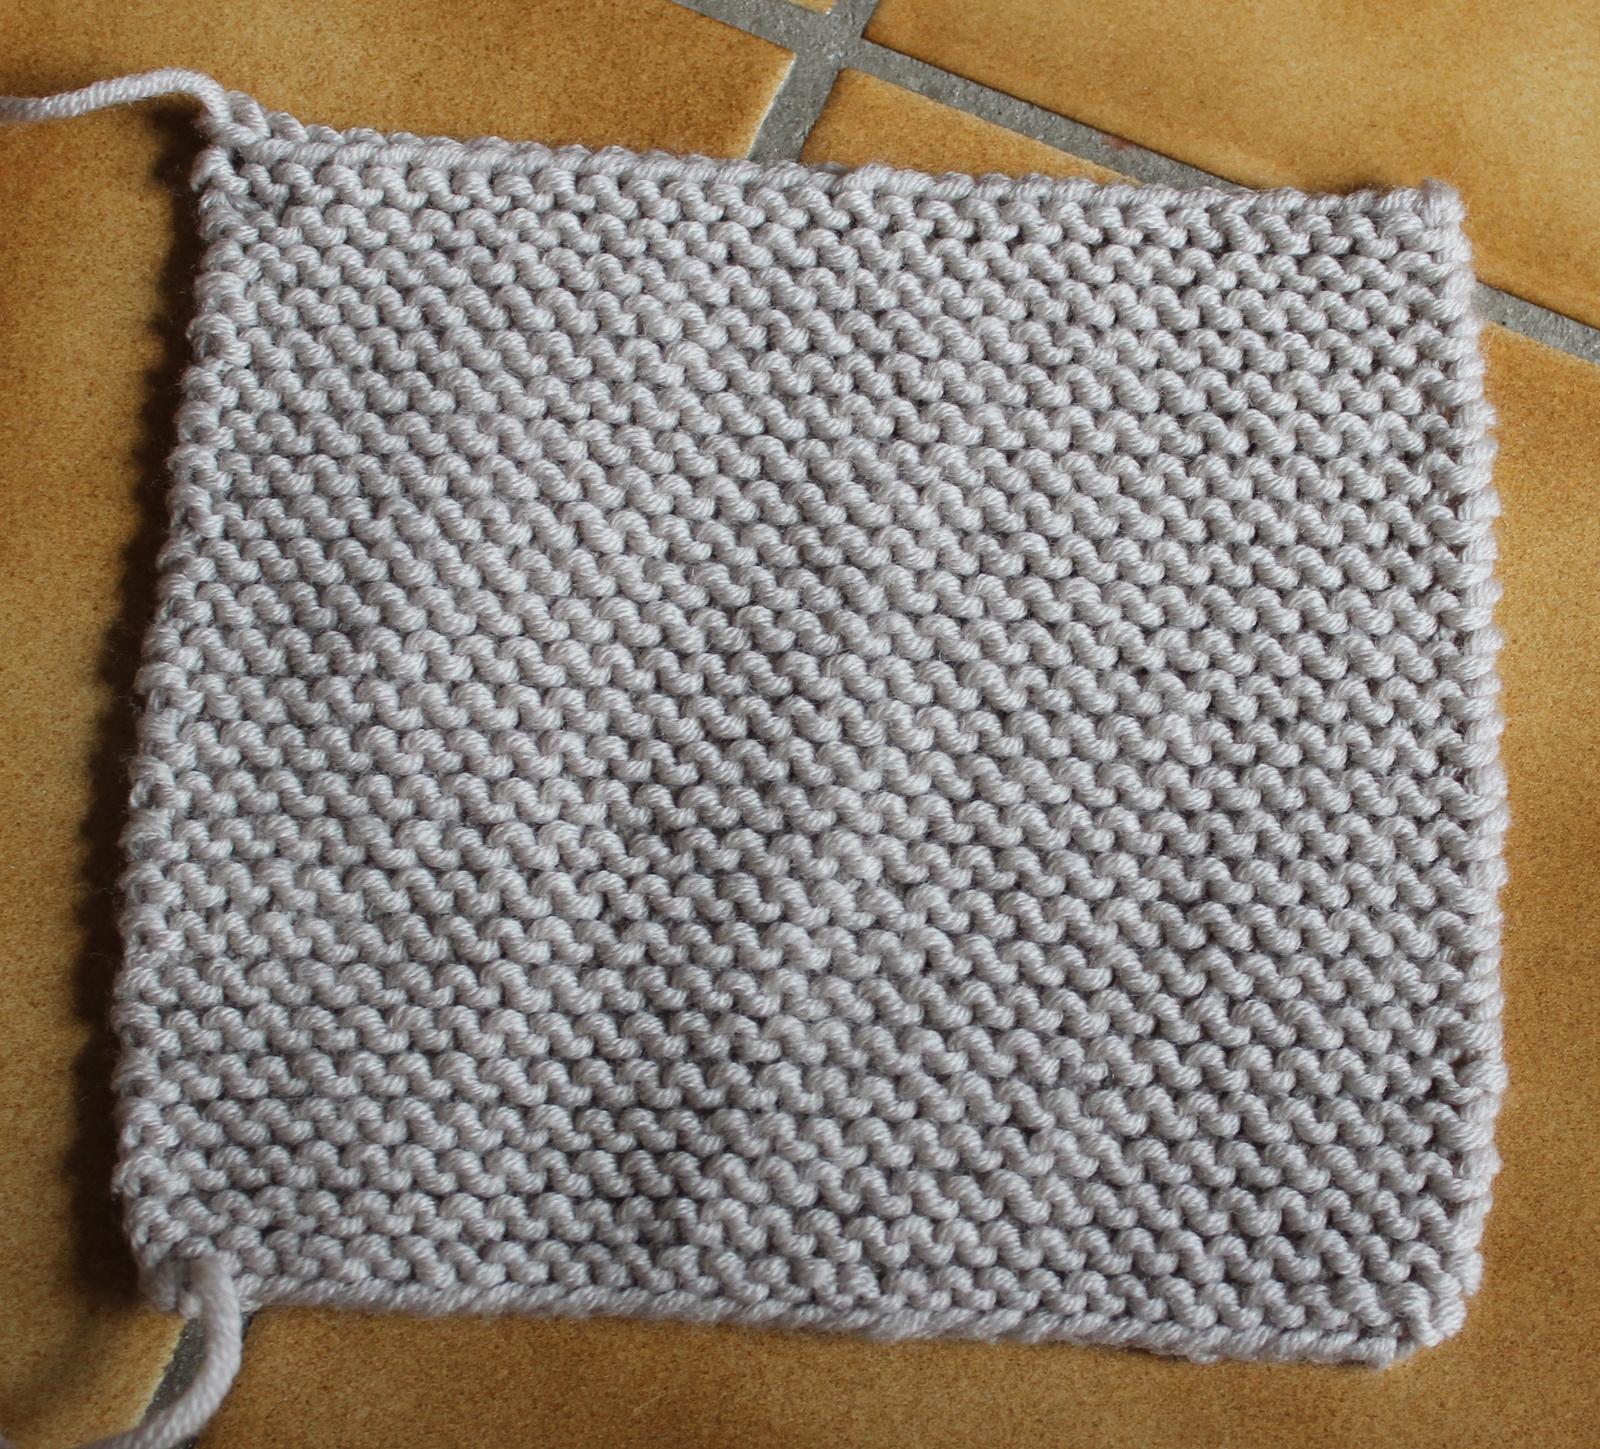 Tricoter un plaid en point mousse